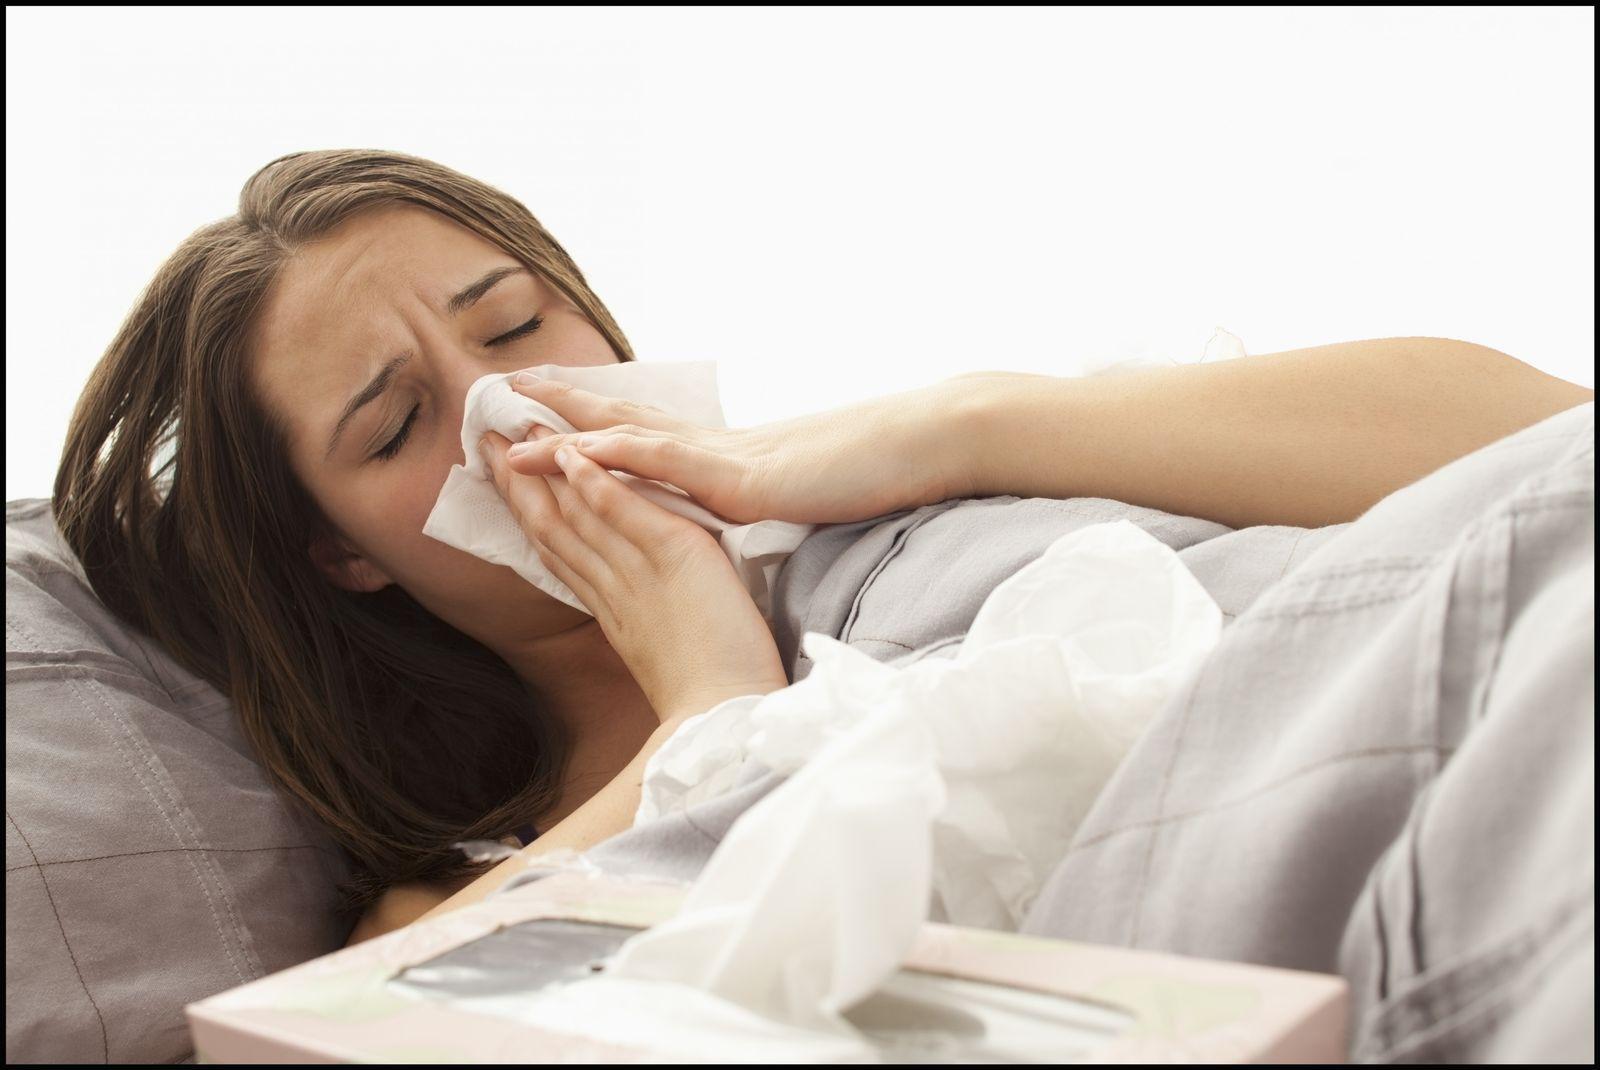 NICHT MEHR VERWENDEN! - Grippe / Krank / Erkältung